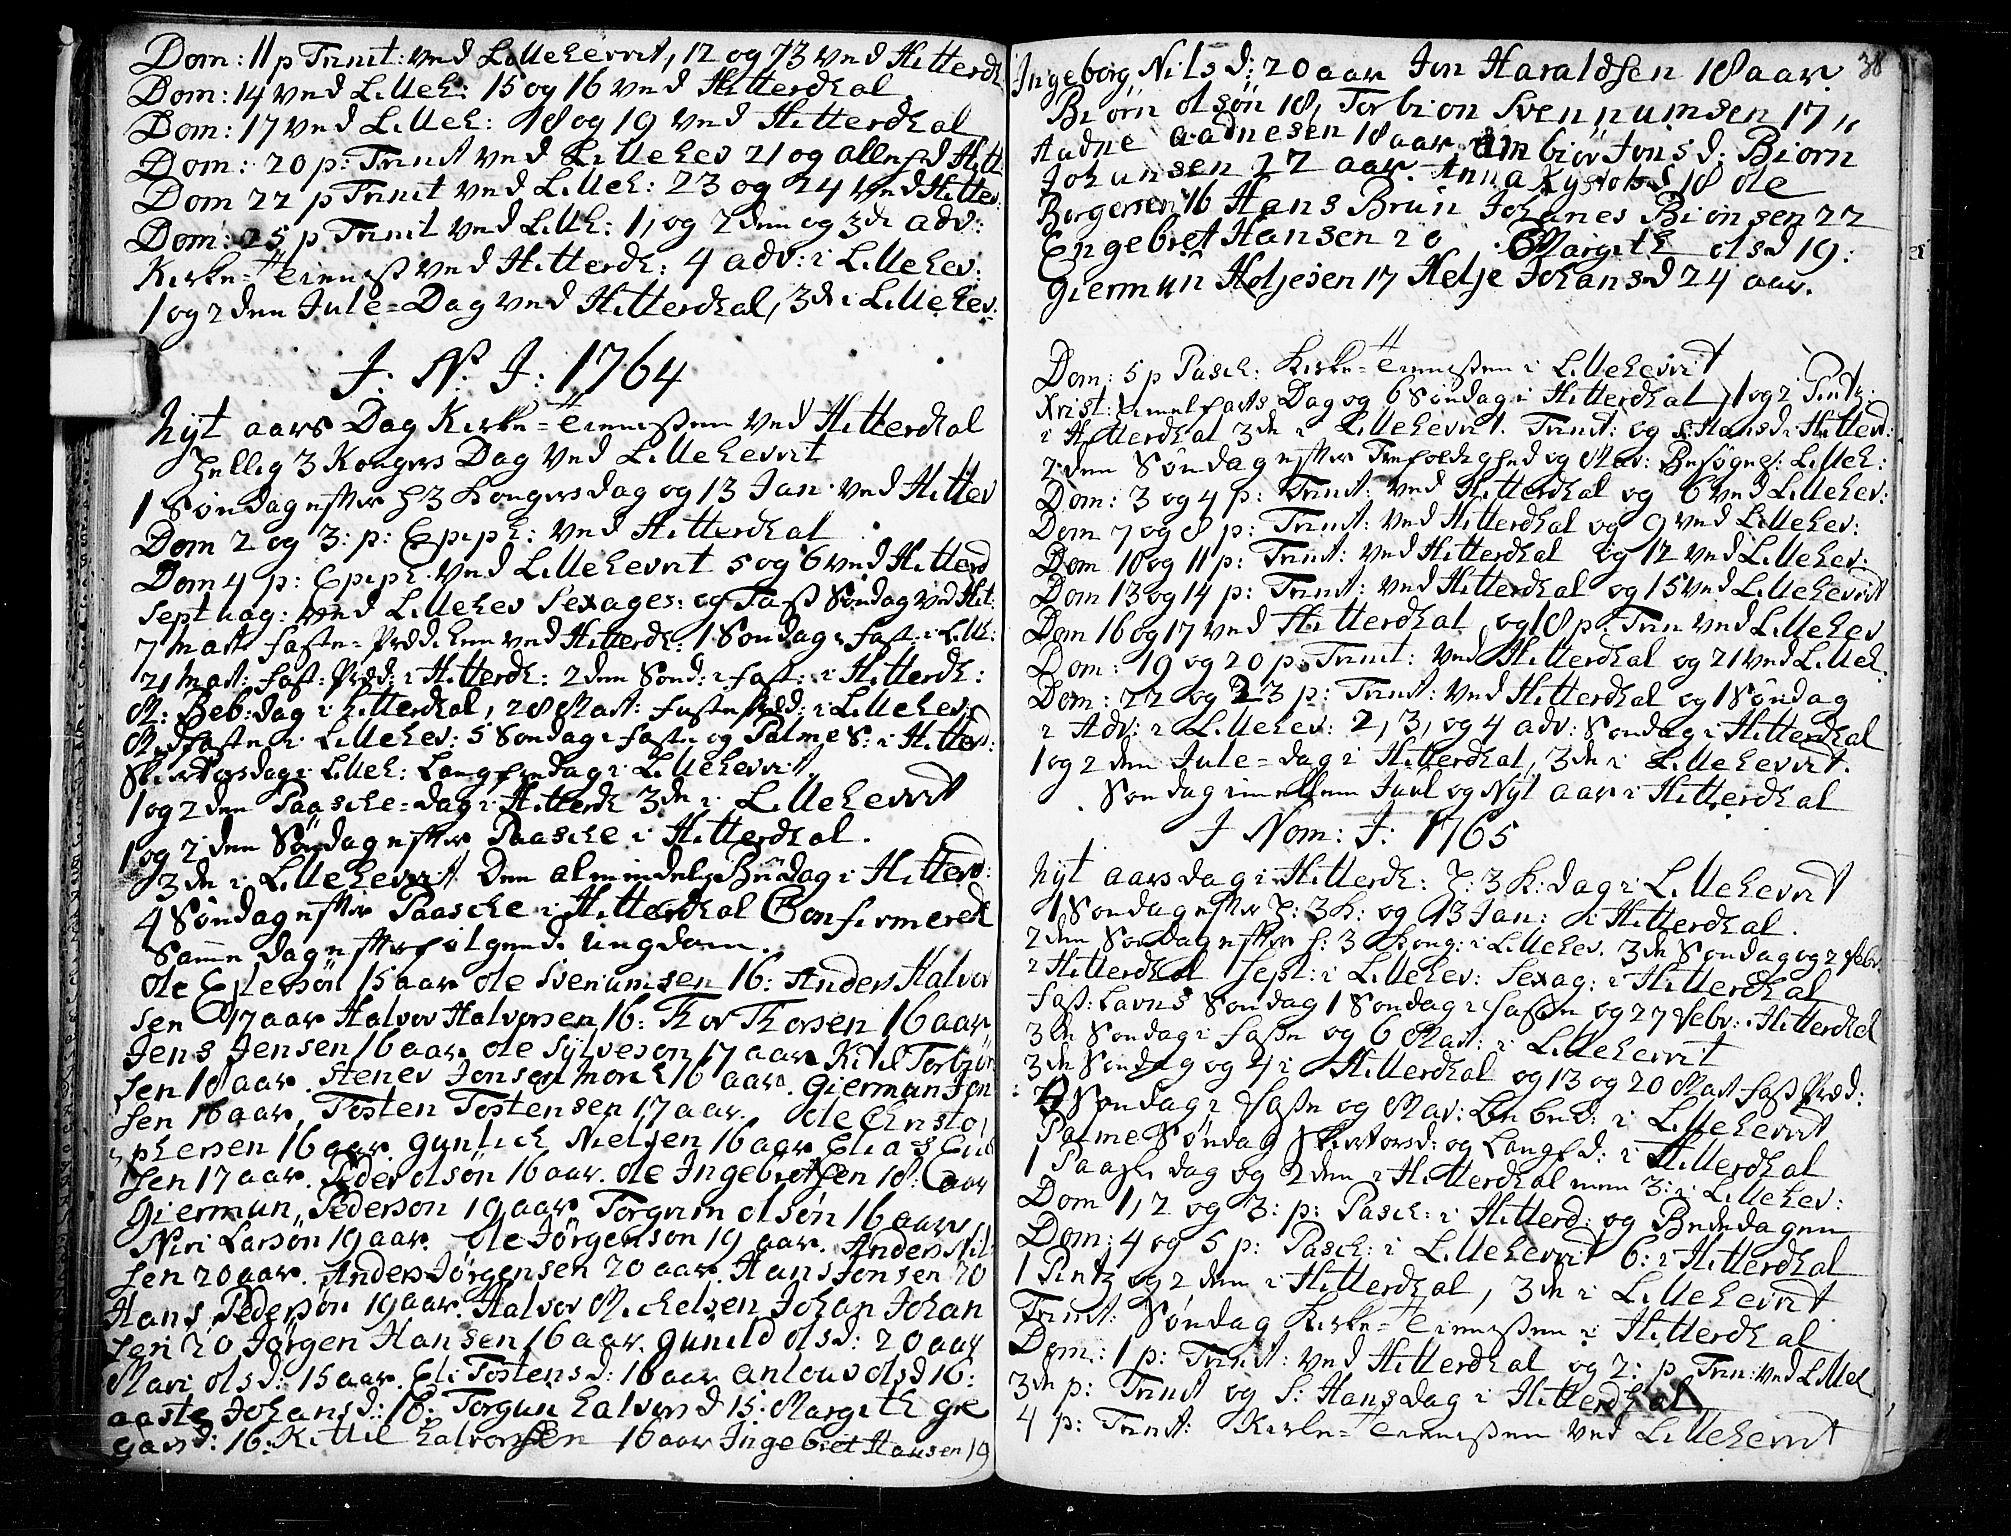 SAKO, Heddal kirkebøker, F/Fa/L0003: Ministerialbok nr. I 3, 1723-1783, s. 38